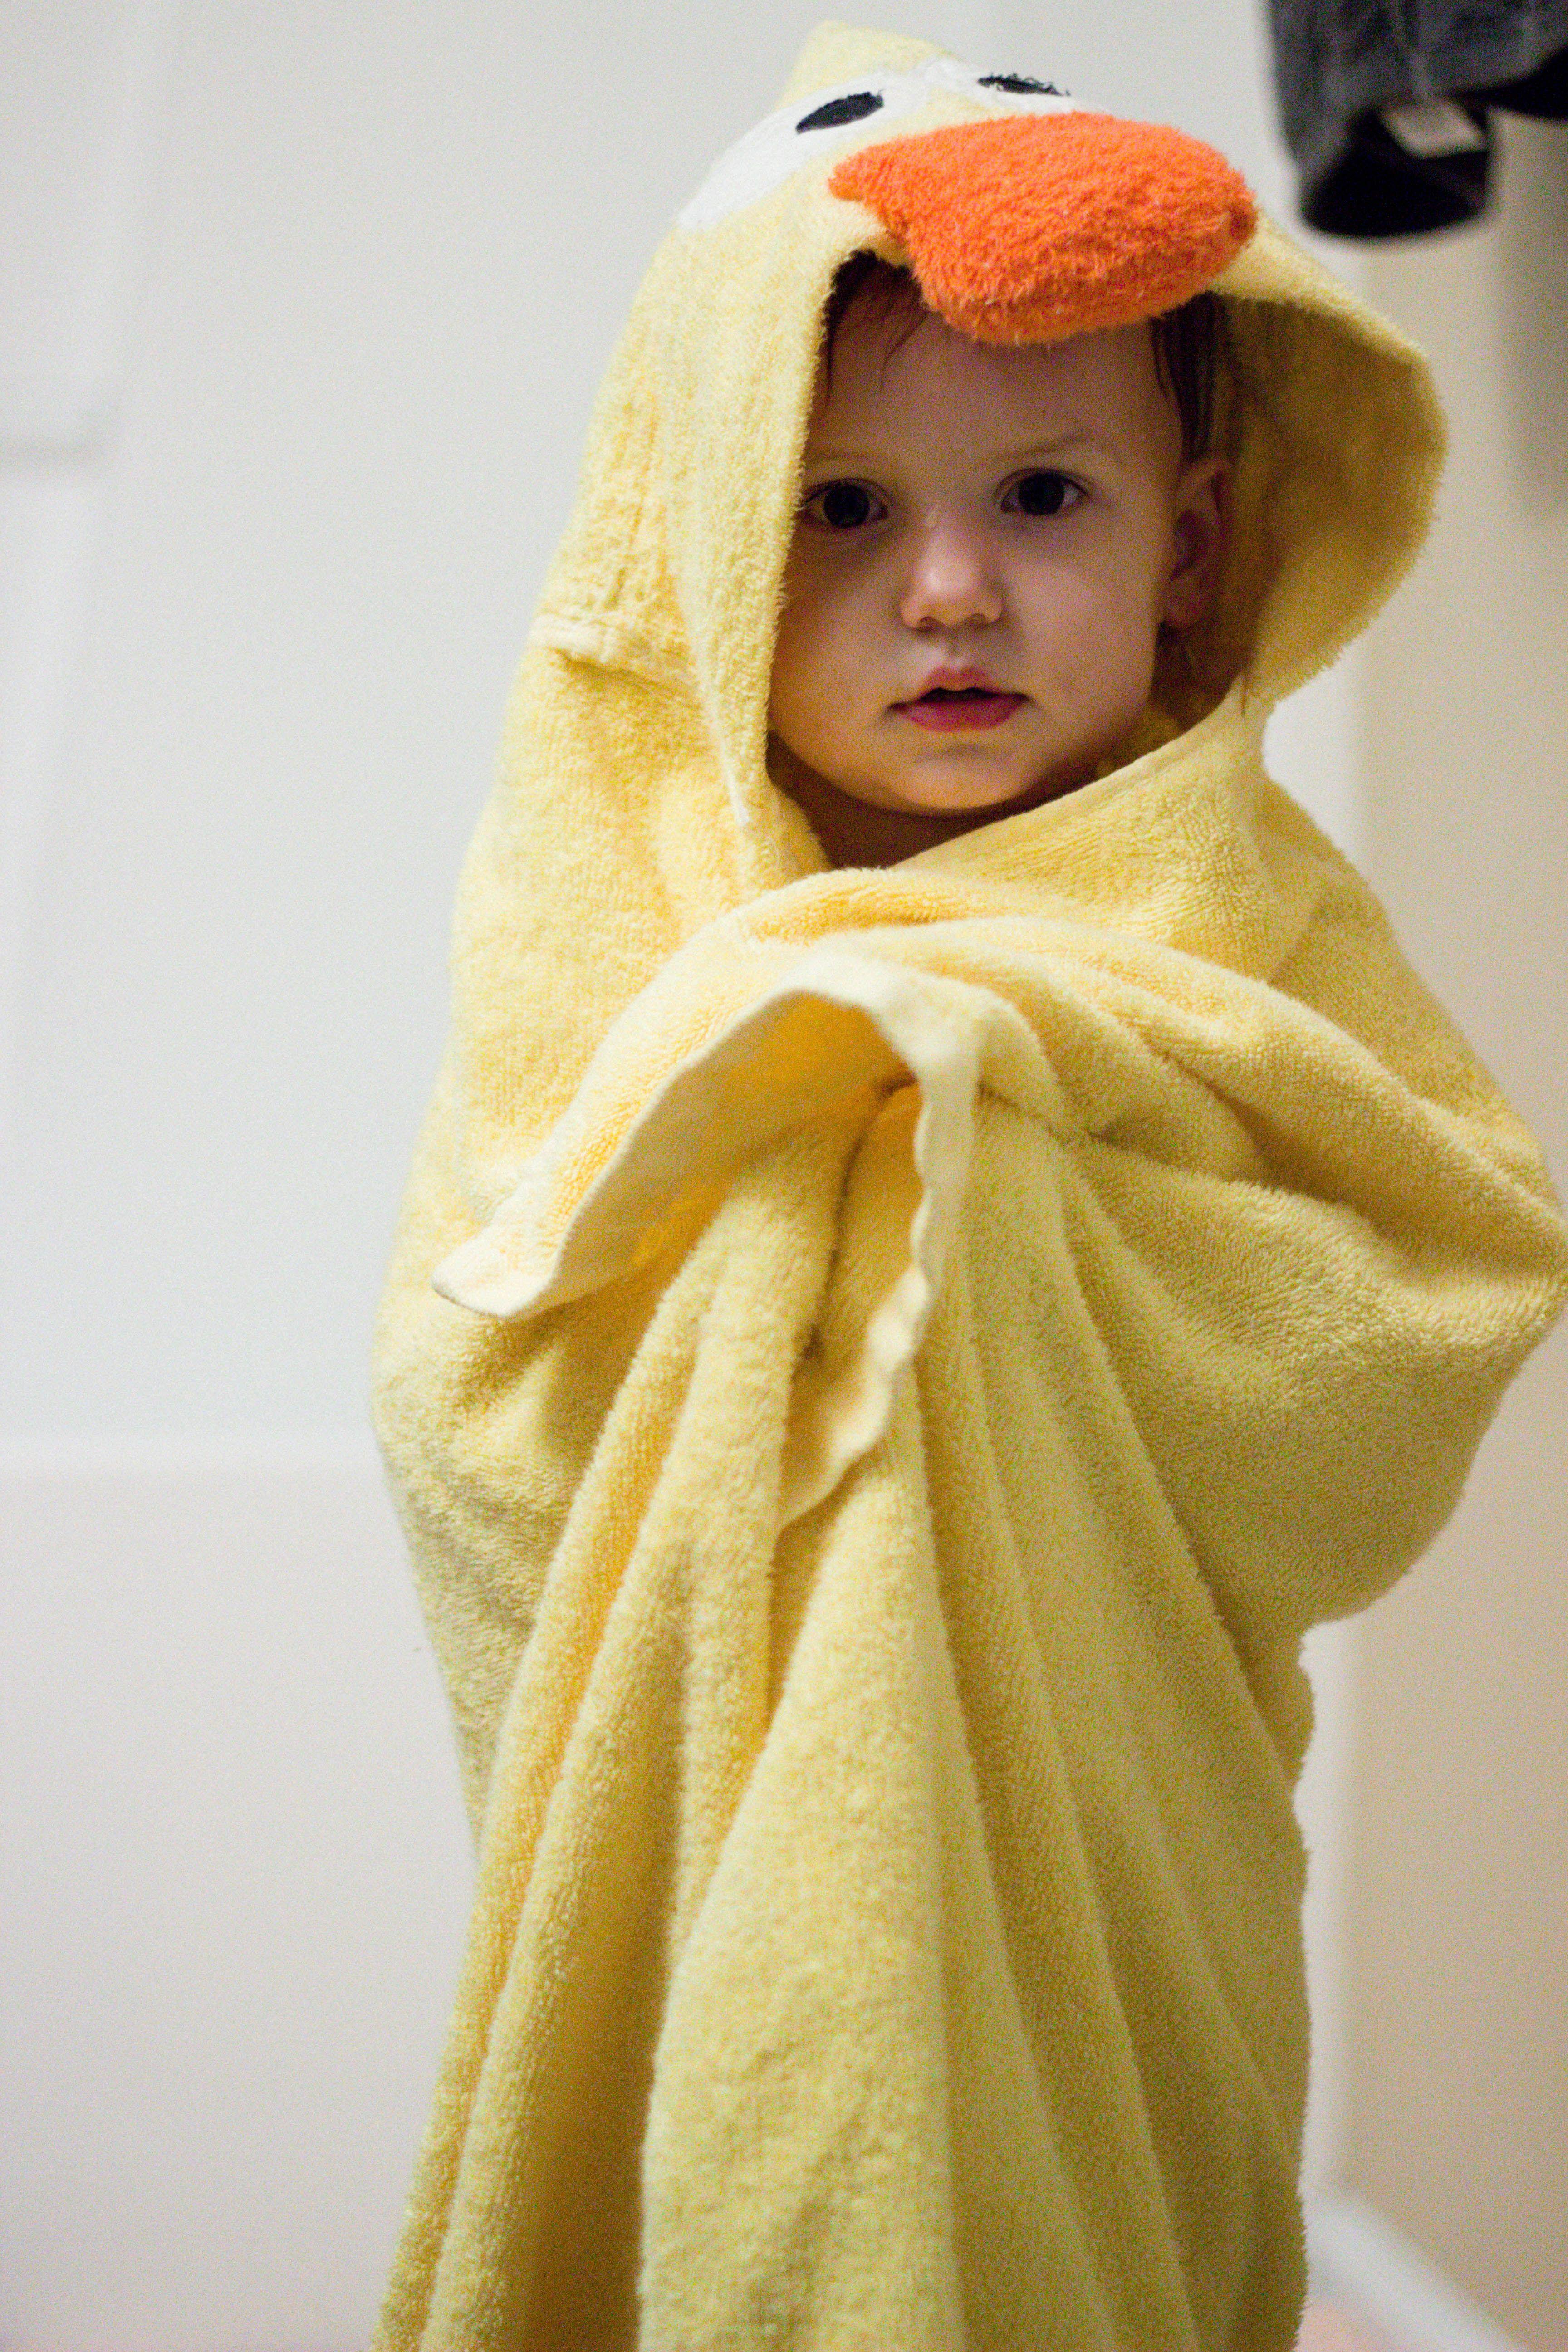 Duck Hooded Animal Towel Animal Towel Duck Hooded Towel Baby